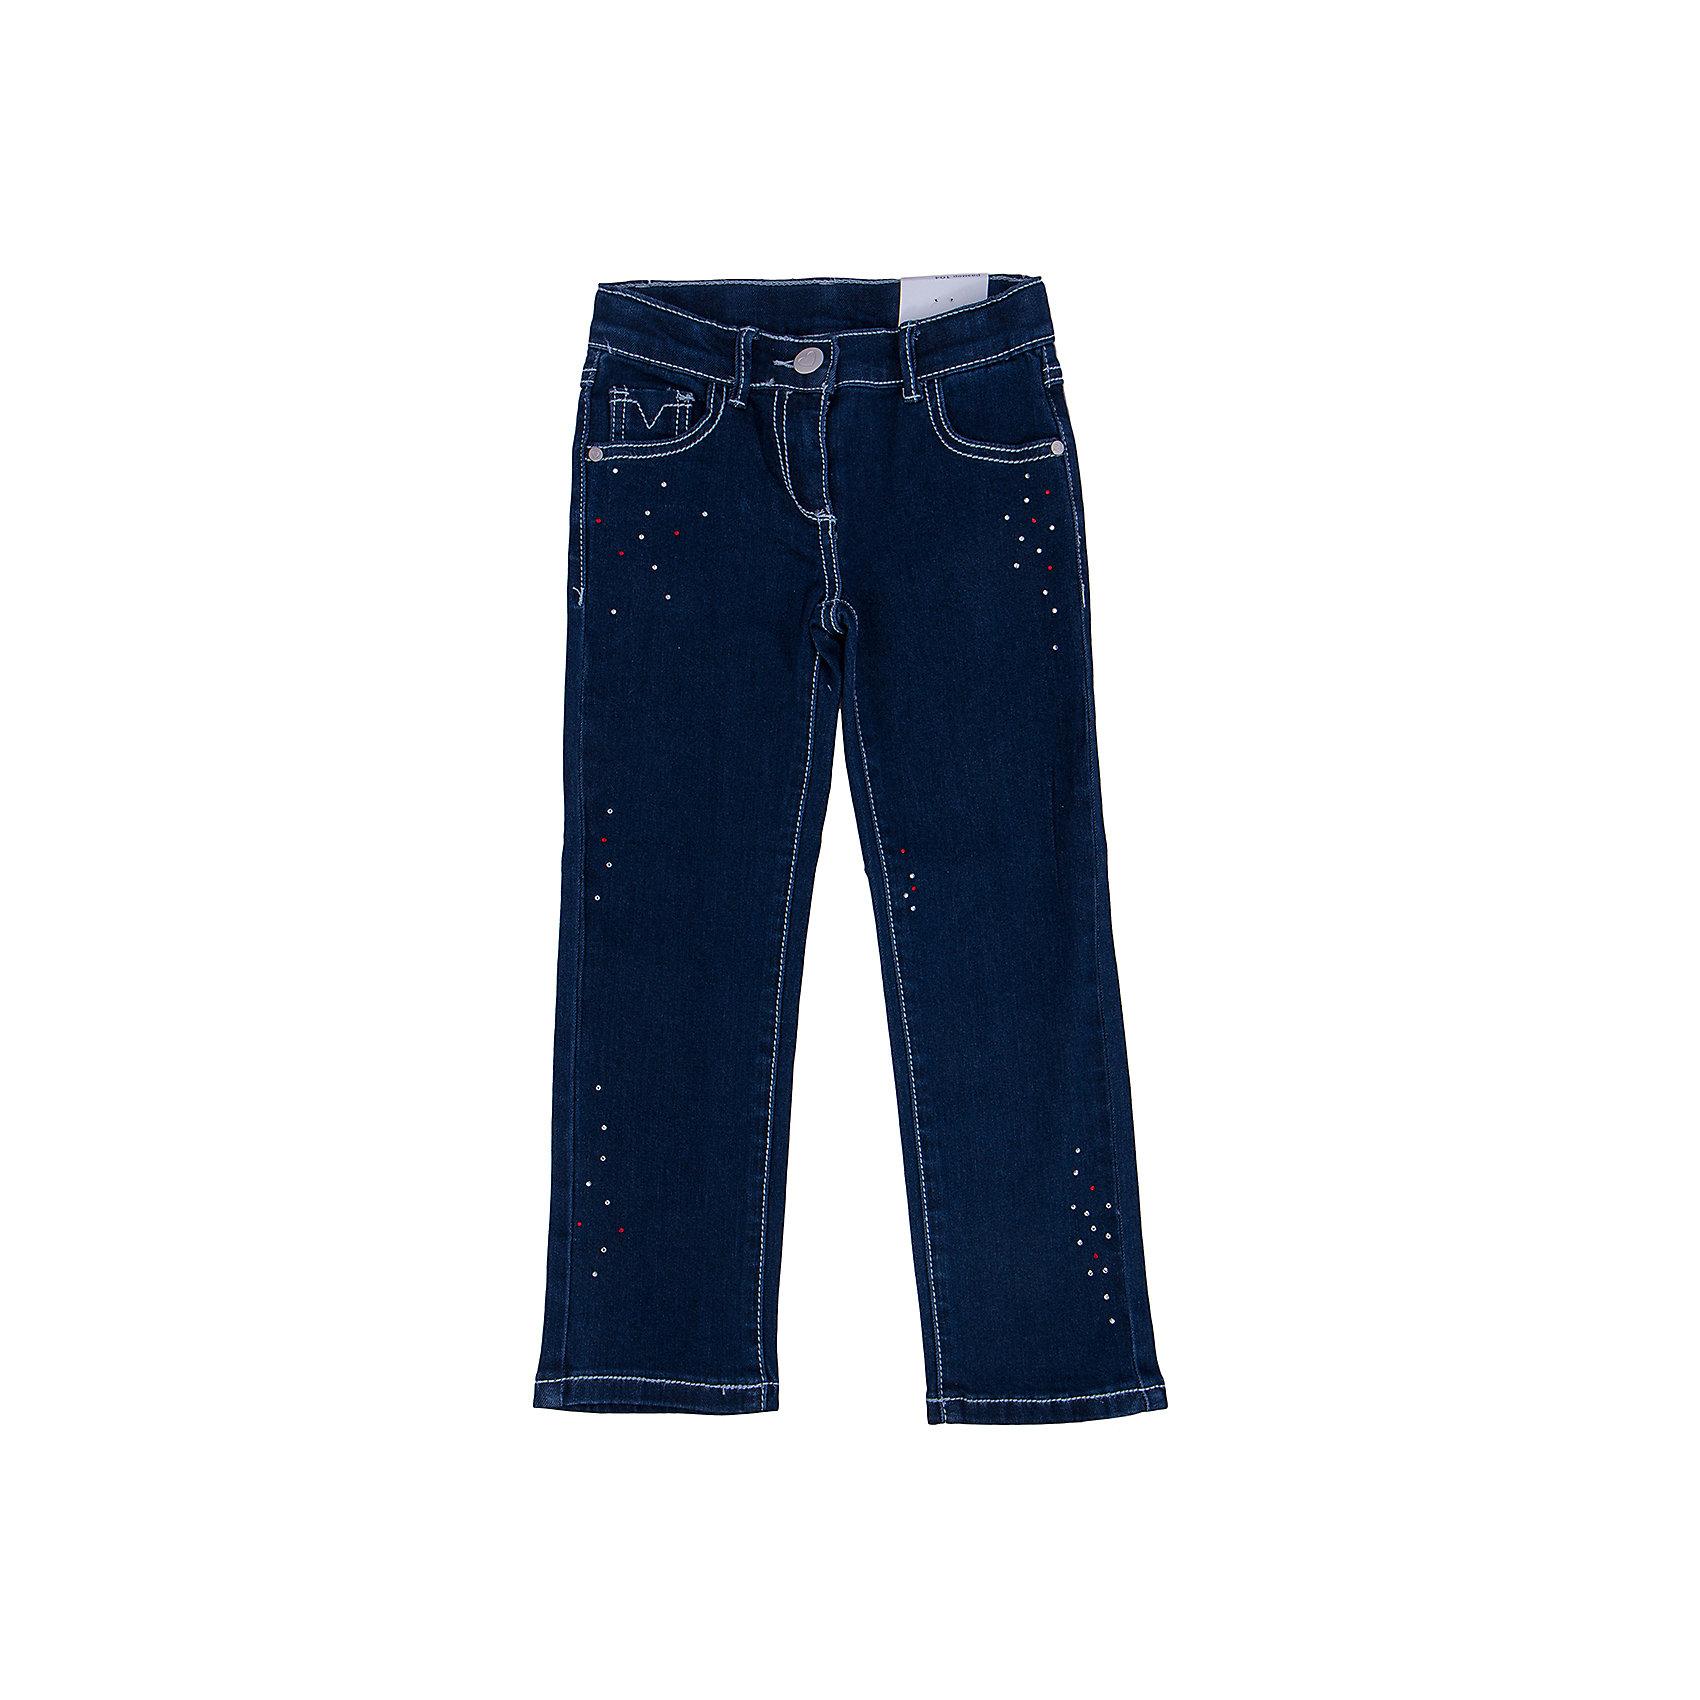 Джинсы для девочки PlayTodayДжинсы<br>Джинсы для девочки от известного бренда PlayToday.<br>Удобные джинсы с контрастной светло-голубой стежкой. Украшены сверкающими стразами. Застегиваются на молнию и пуговицу, есть шлевки для ремня. Классическая пятикарманка.<br>Состав:<br>51% хлопок, 26% полиэстер, 22% вискоза, 1% эластан<br><br>Ширина мм: 215<br>Глубина мм: 88<br>Высота мм: 191<br>Вес г: 336<br>Цвет: синий<br>Возраст от месяцев: 36<br>Возраст до месяцев: 48<br>Пол: Женский<br>Возраст: Детский<br>Размер: 104,122,128,110,116,98<br>SKU: 4897565